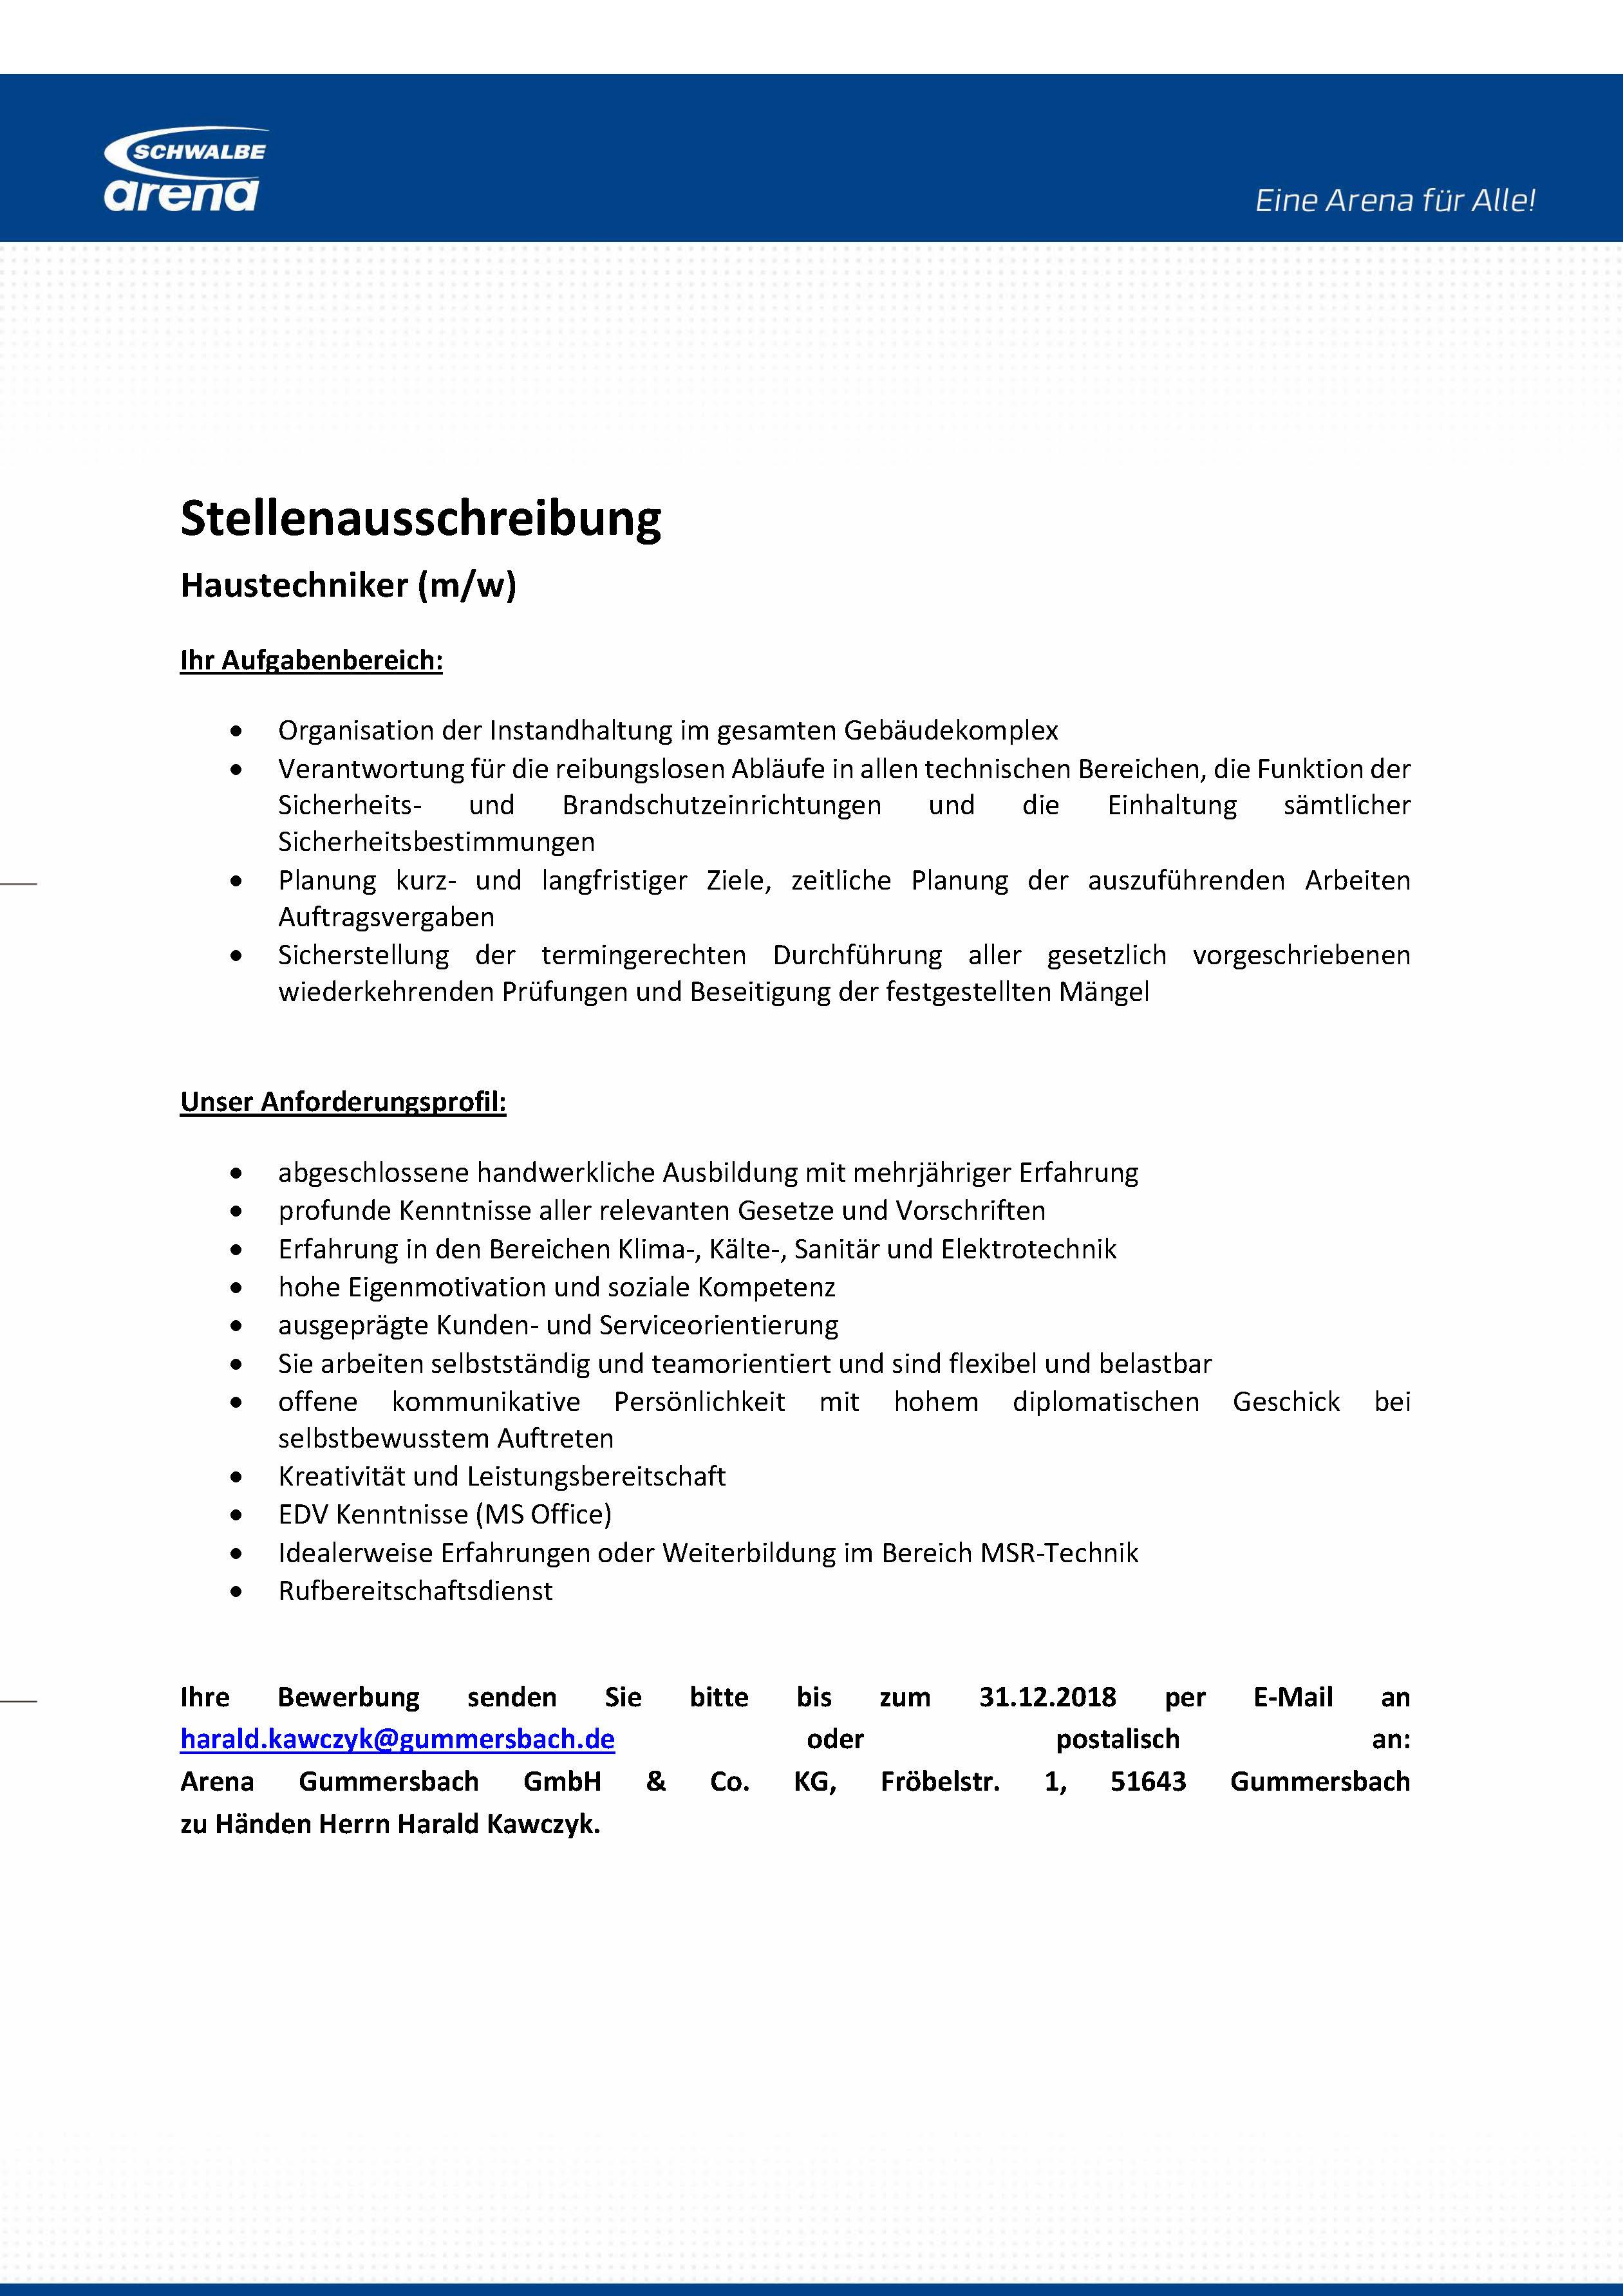 Stellenauschreibung_Haustechniker_12.2018